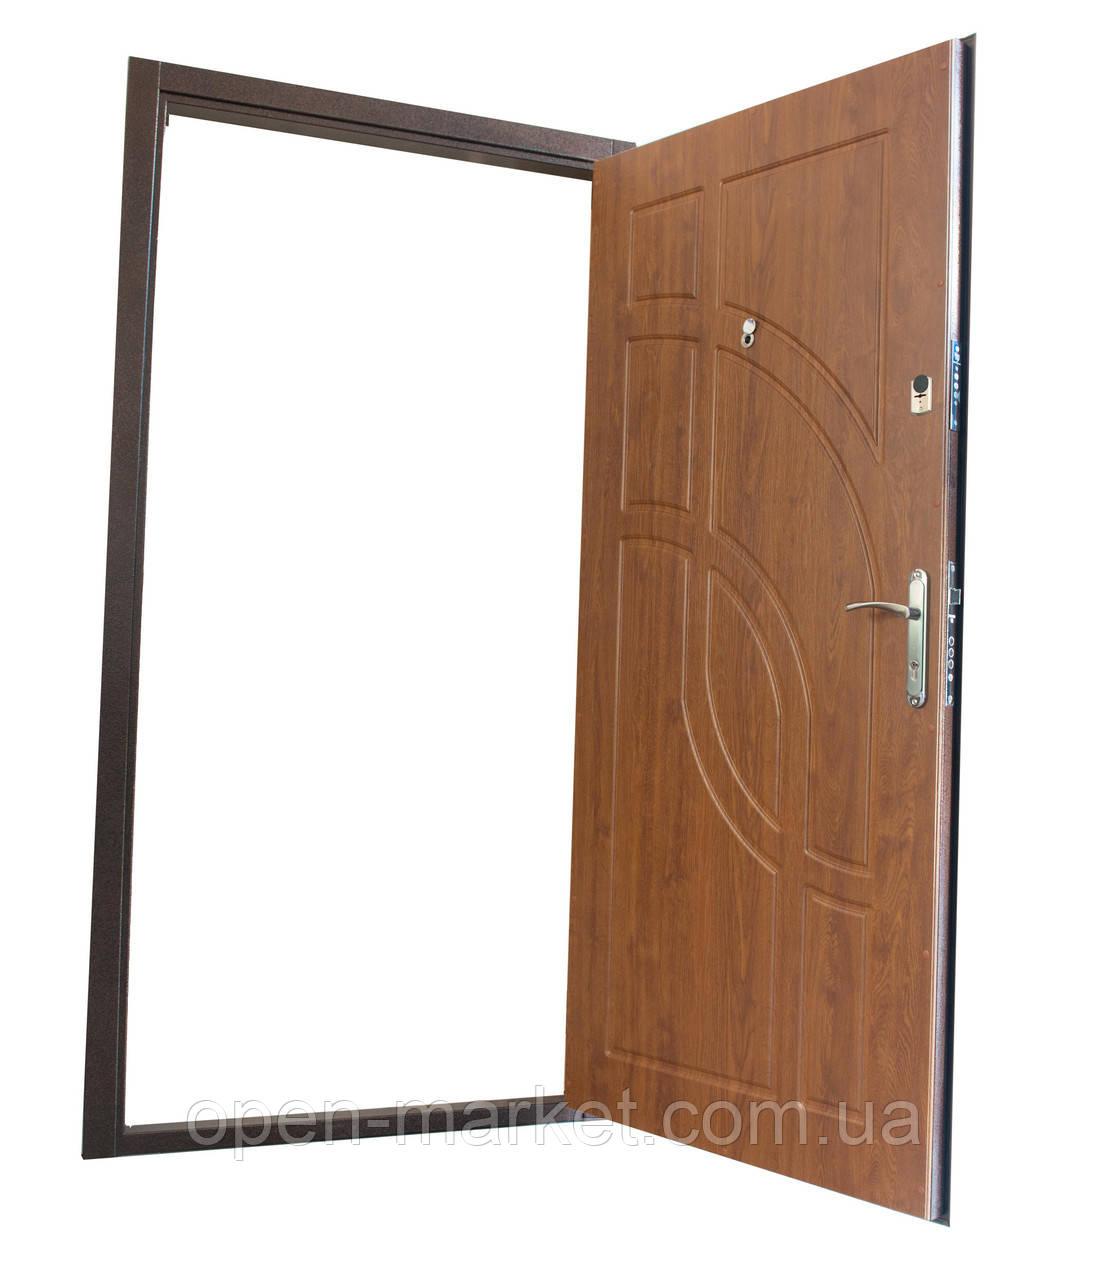 Двери в частный дом в Николаеве